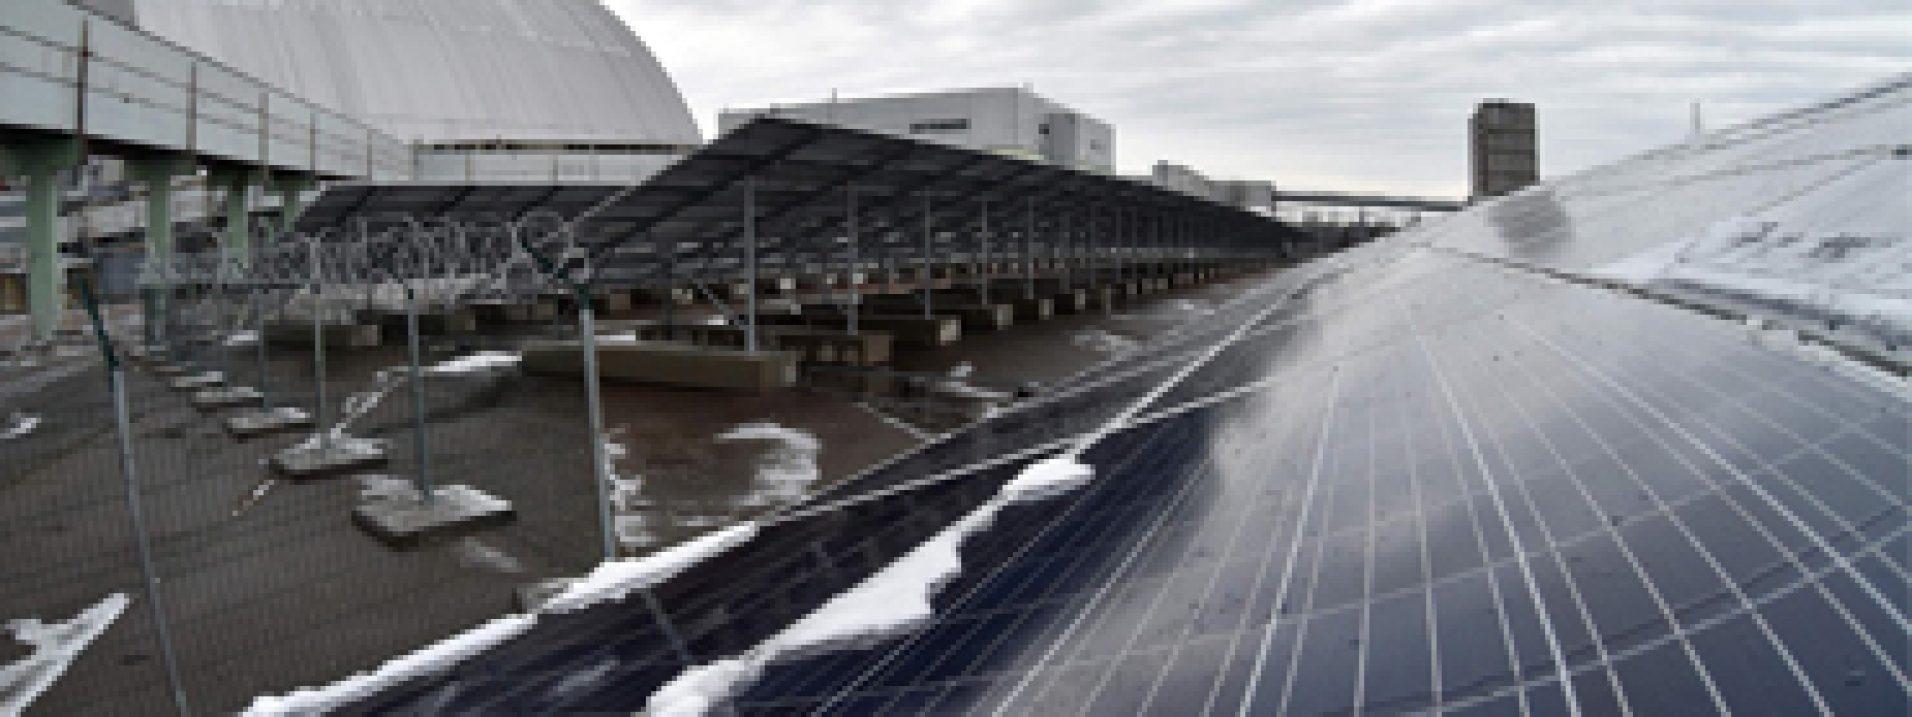 solarchernobyl_p